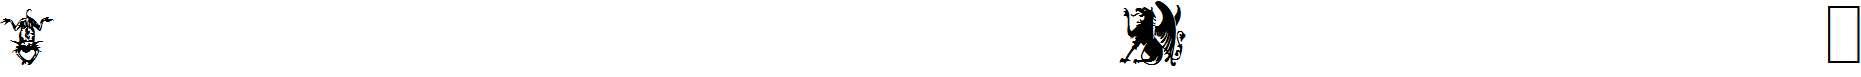 Listemagerens-Dingbats-1